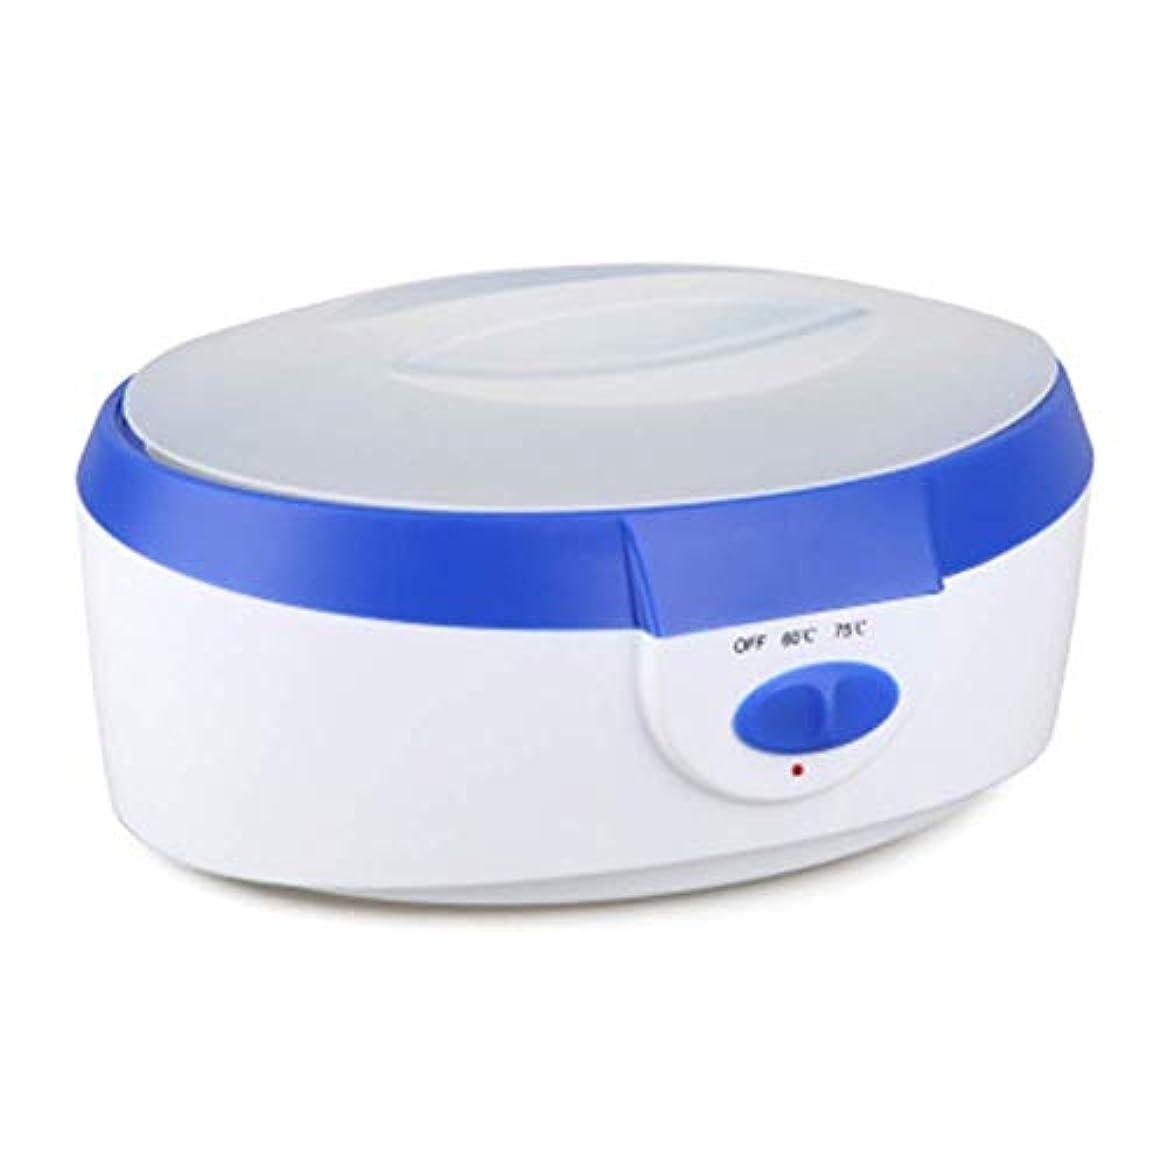 ステートメントモニカインカ帝国可変温度とウォーマーと内蔵サーモ安全制御脱毛脱毛のためのすべてのワックスタイプのコンテナのワックスウォーマー、プロフェッショナル電気ワックスヒーター (Color : Blue)